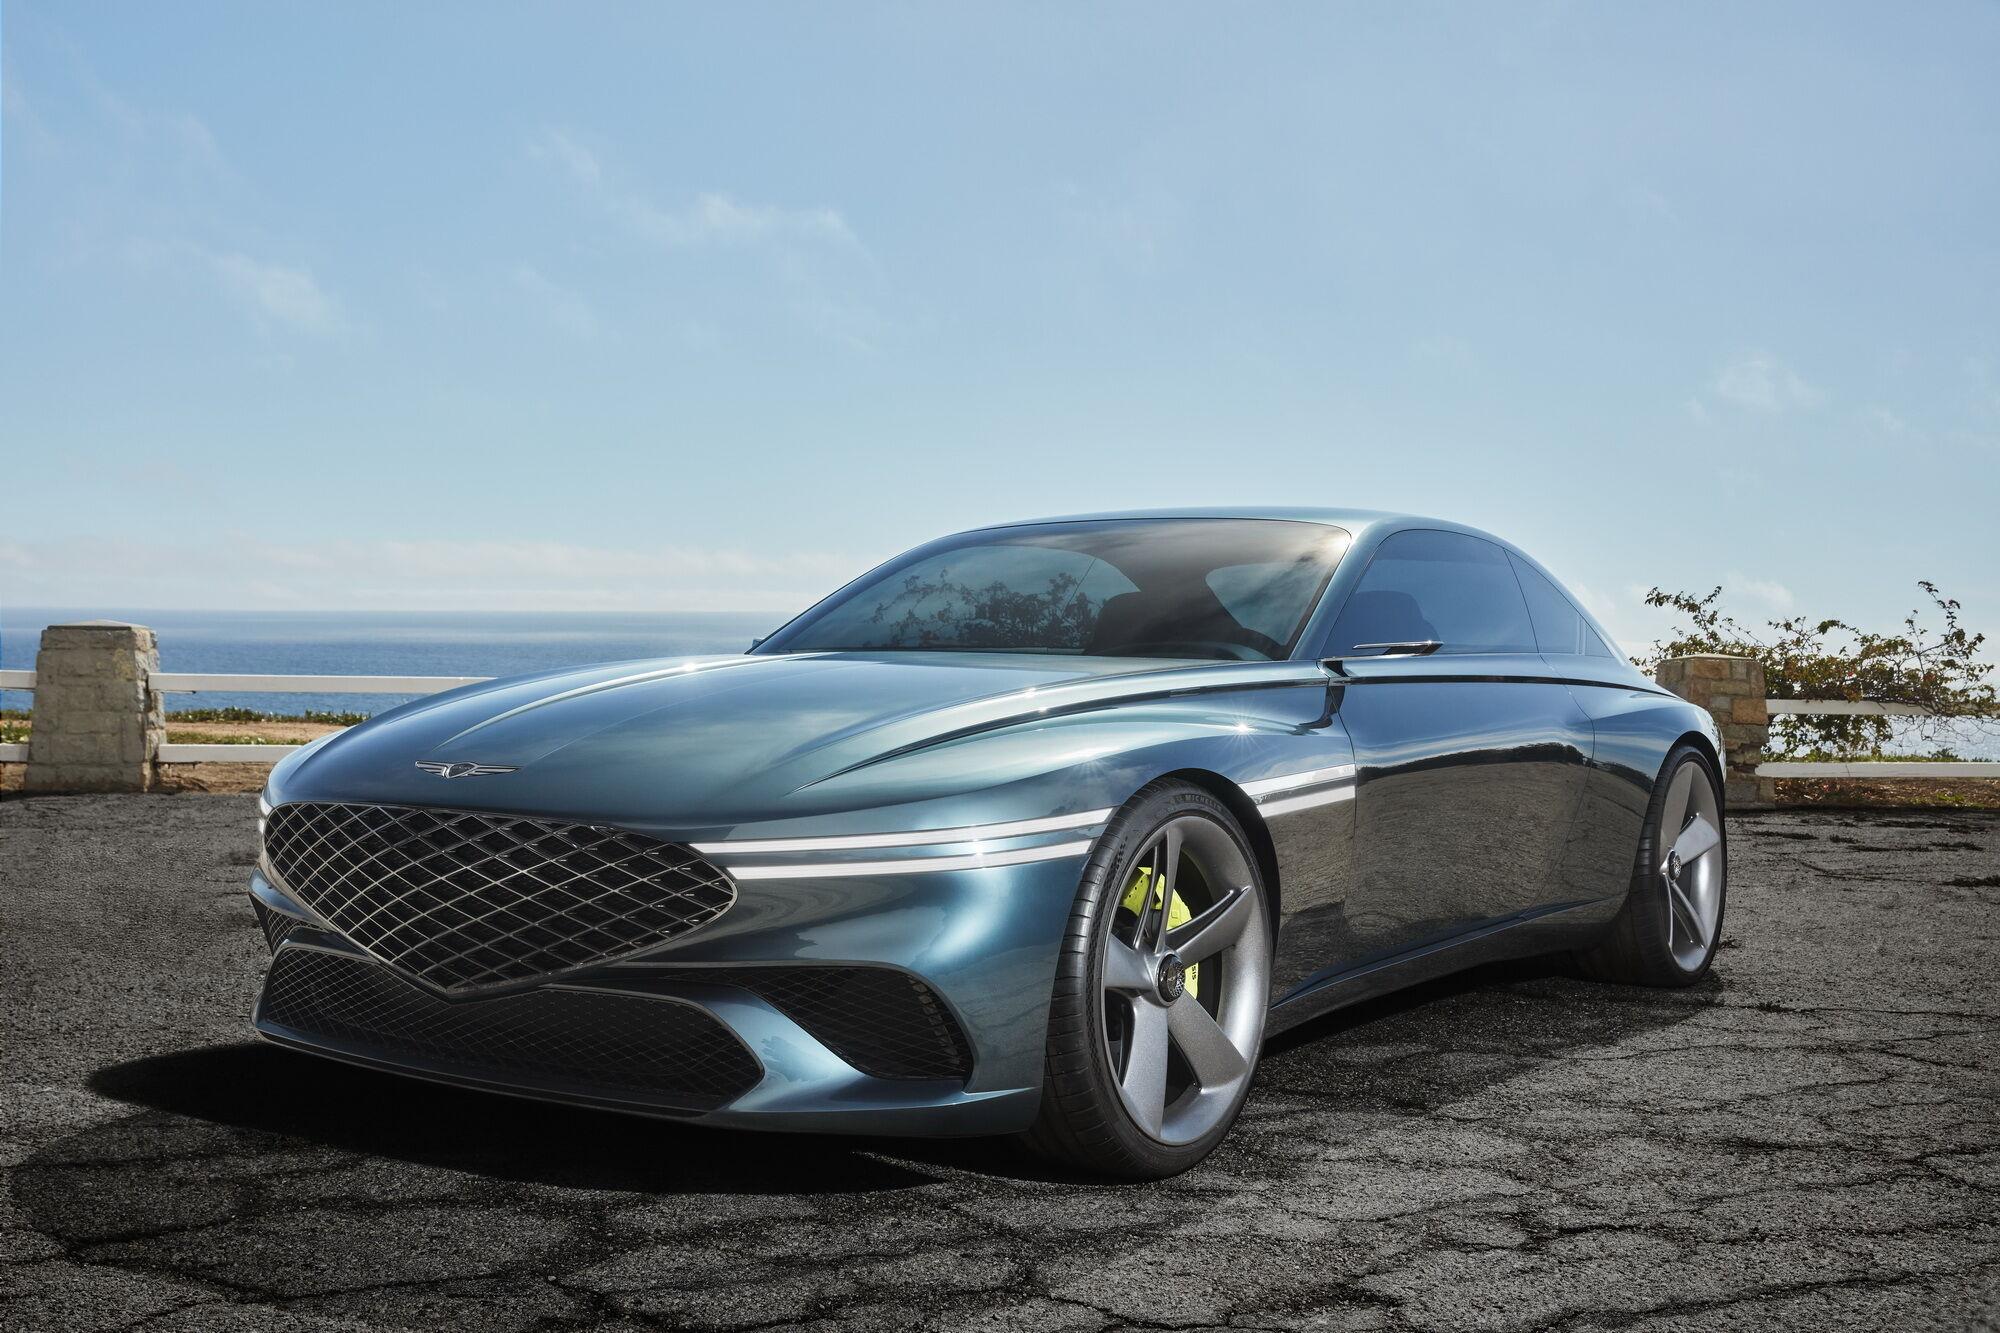 Електричний купе категорії GT демонструє напрям розвитку дизайну марки у найближчі роки